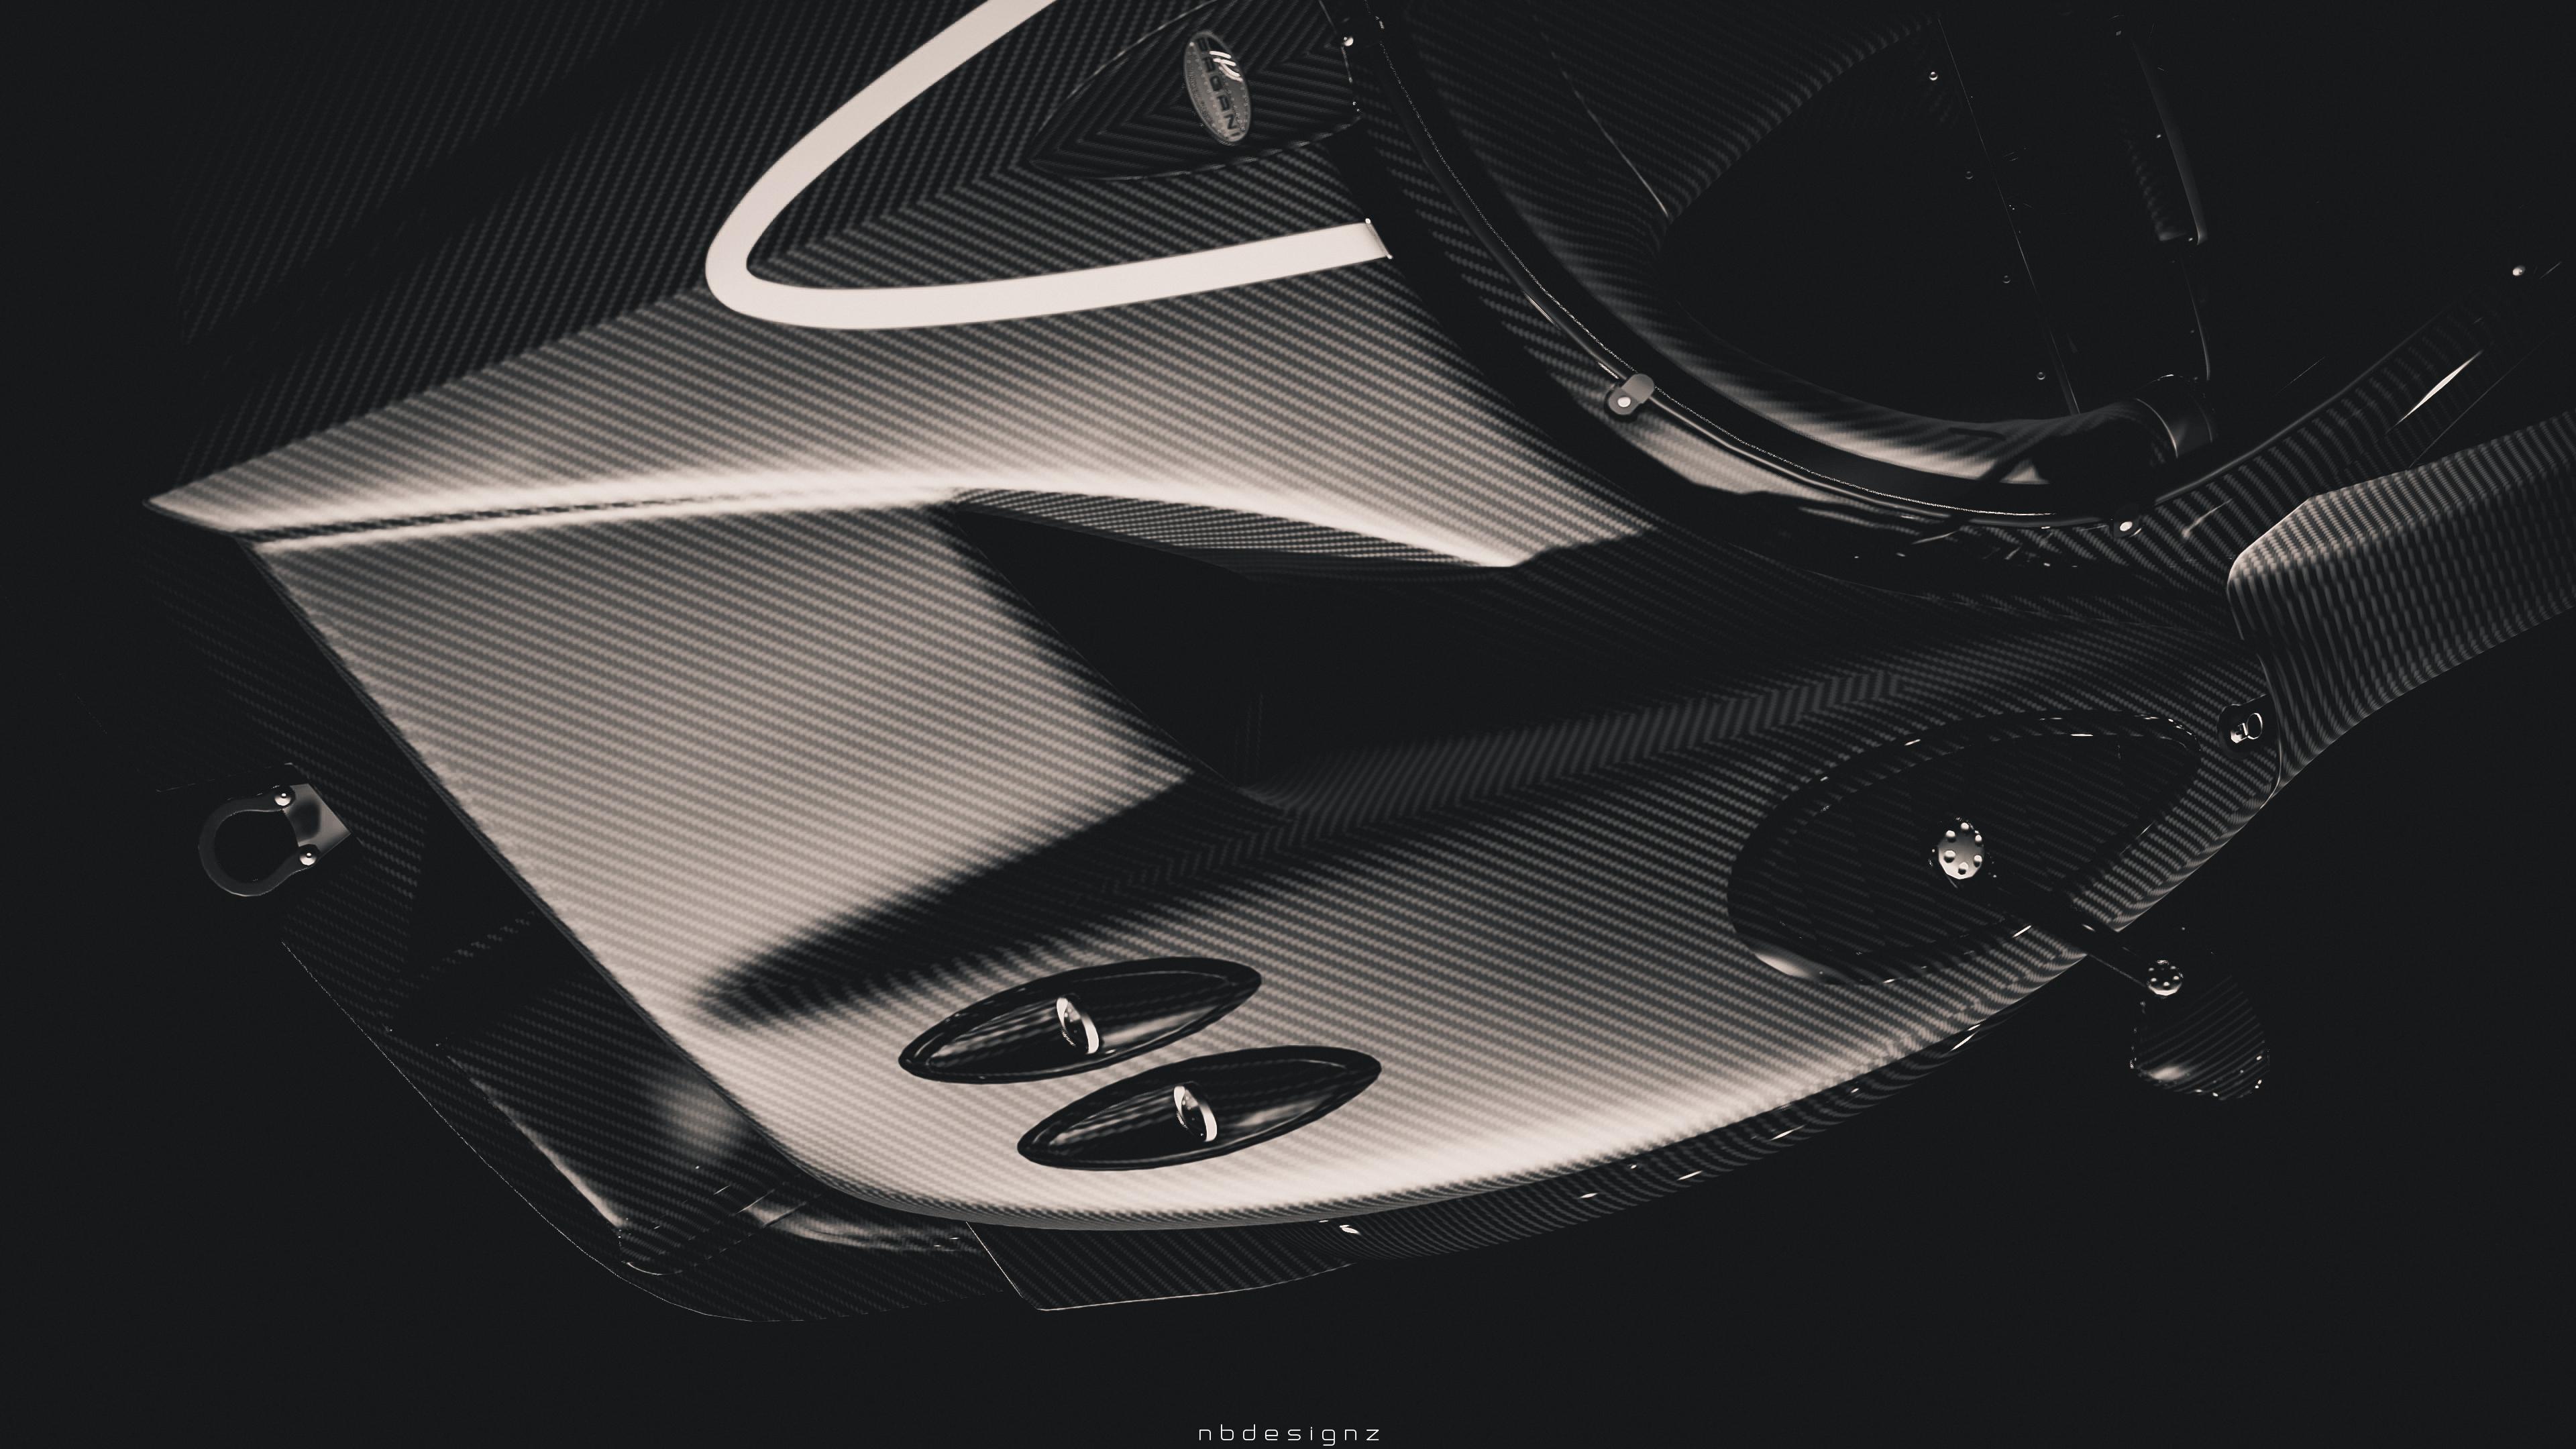 Hintergrundbilder : Kontrast, Weiß, schwarz, einfarbig, Auto, Sony ...